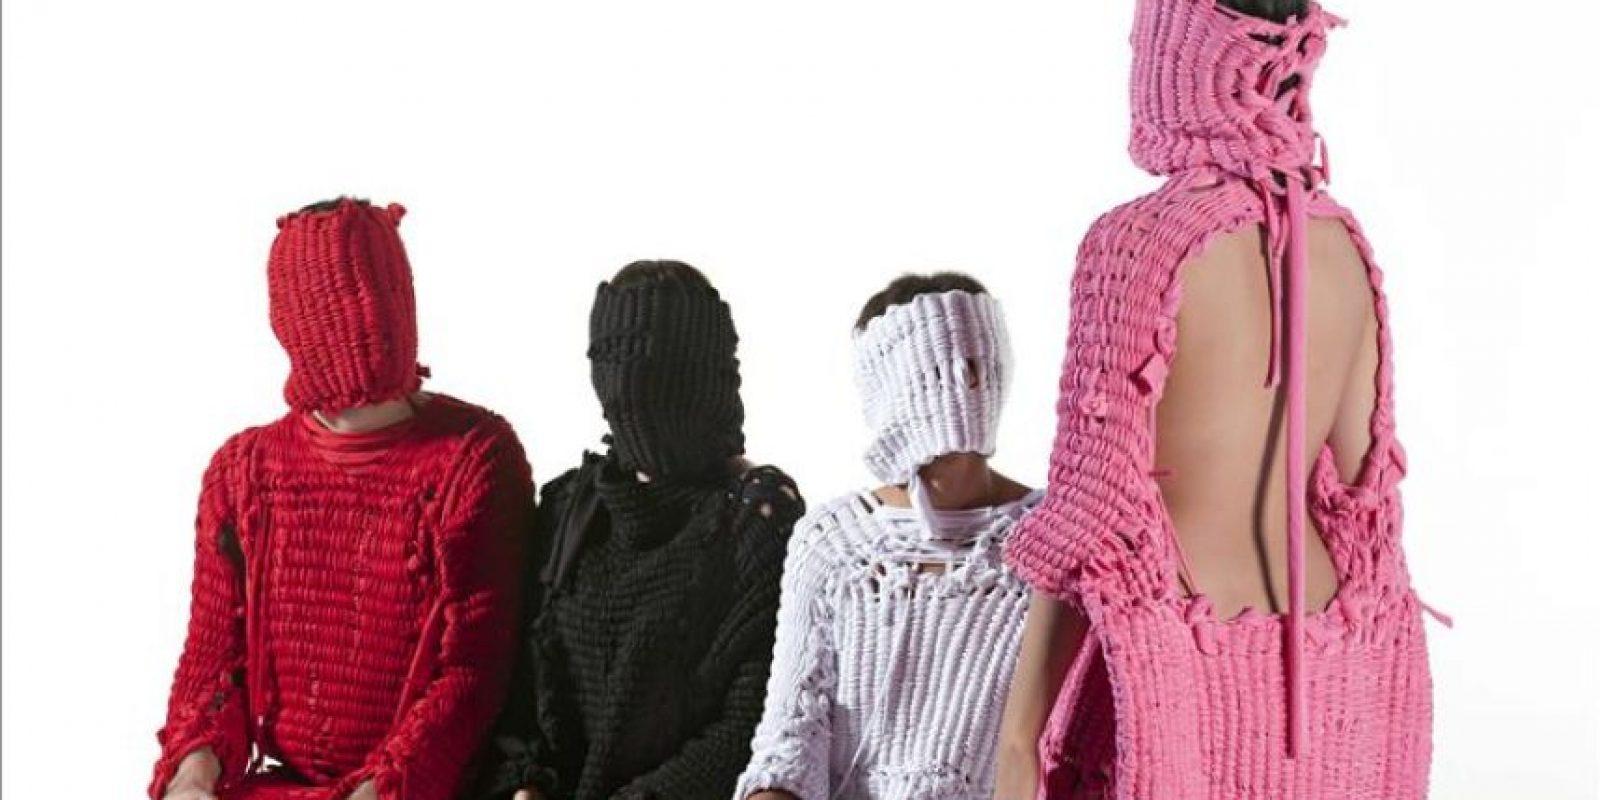 """Fotografía de uso editorial facilitada por el Museo Boijmans Van Beuningen, de la exposición """"Ejercicios en salud"""" de la diseñadora peruana Lucía Cuba, que recoge la experiencia de cuatro personas que se han confrontado a la salud porque han sido diagnosticadas con cáncer, y que forma parte de la muestra """"El futuro de la moda es ahora"""", en la que más de cincuenta diseñadores de 28 países exponen desde hoy sus trabajos con una visión crítica e innovadora que retrata el actual mundo de la moda y el papel que juega en nuestra sociedad. EFE/Tony Robles"""